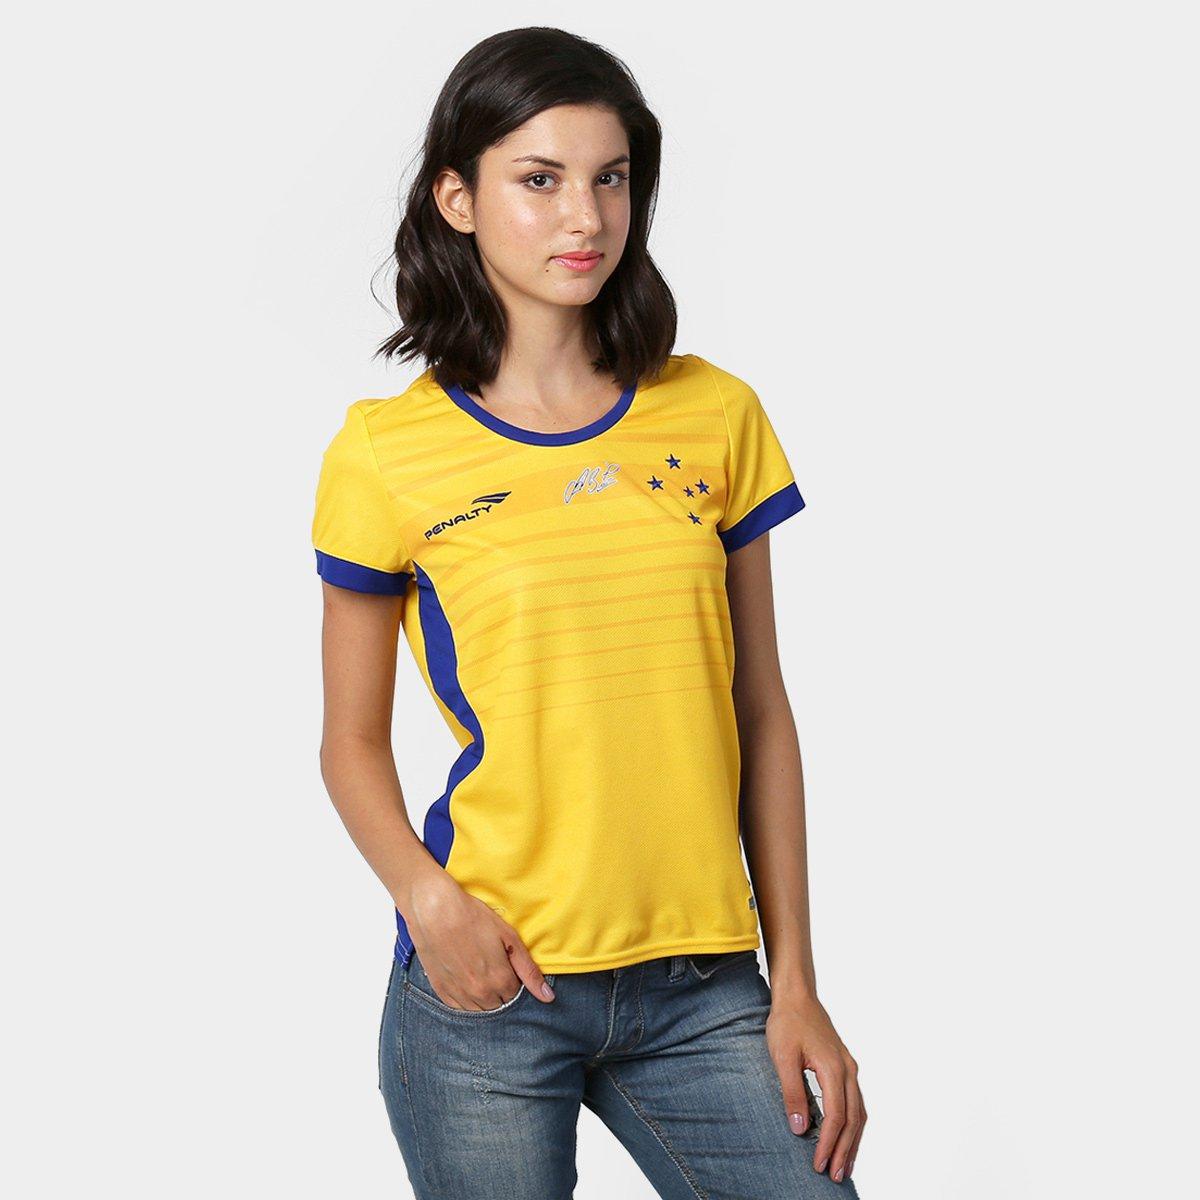 Camisa Cruzeiro Goleiro I 2015 nº 1 Fábio - Torcedor Penalty Feminina -  Compre Agora  4aef1bc85ffb9